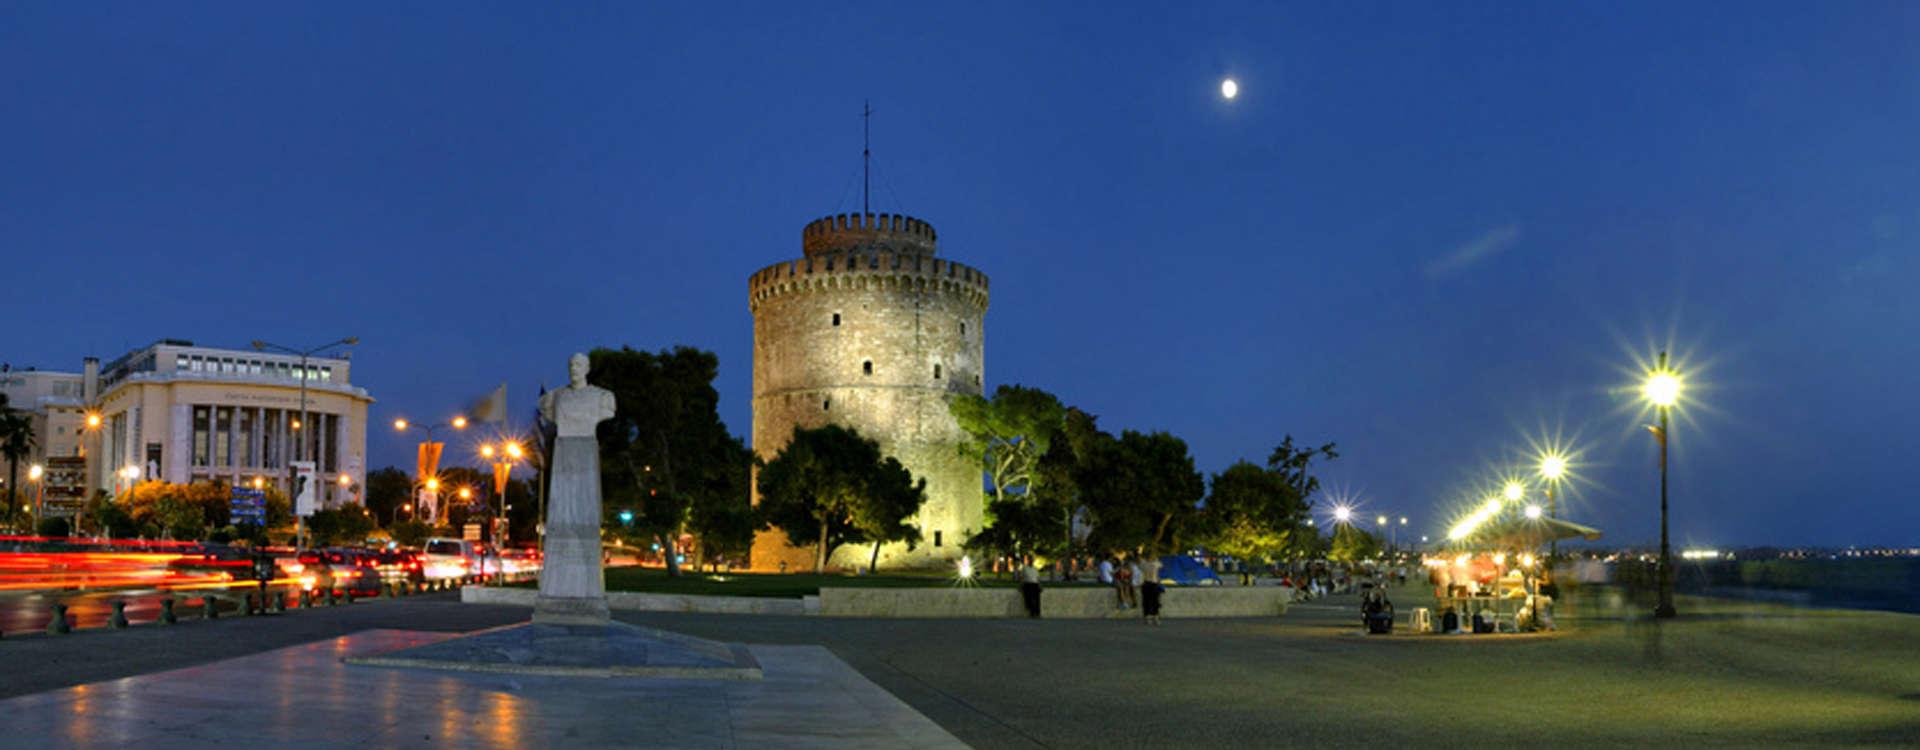 Ponte dell'8 dicembre Salonicco e scuola di cucina